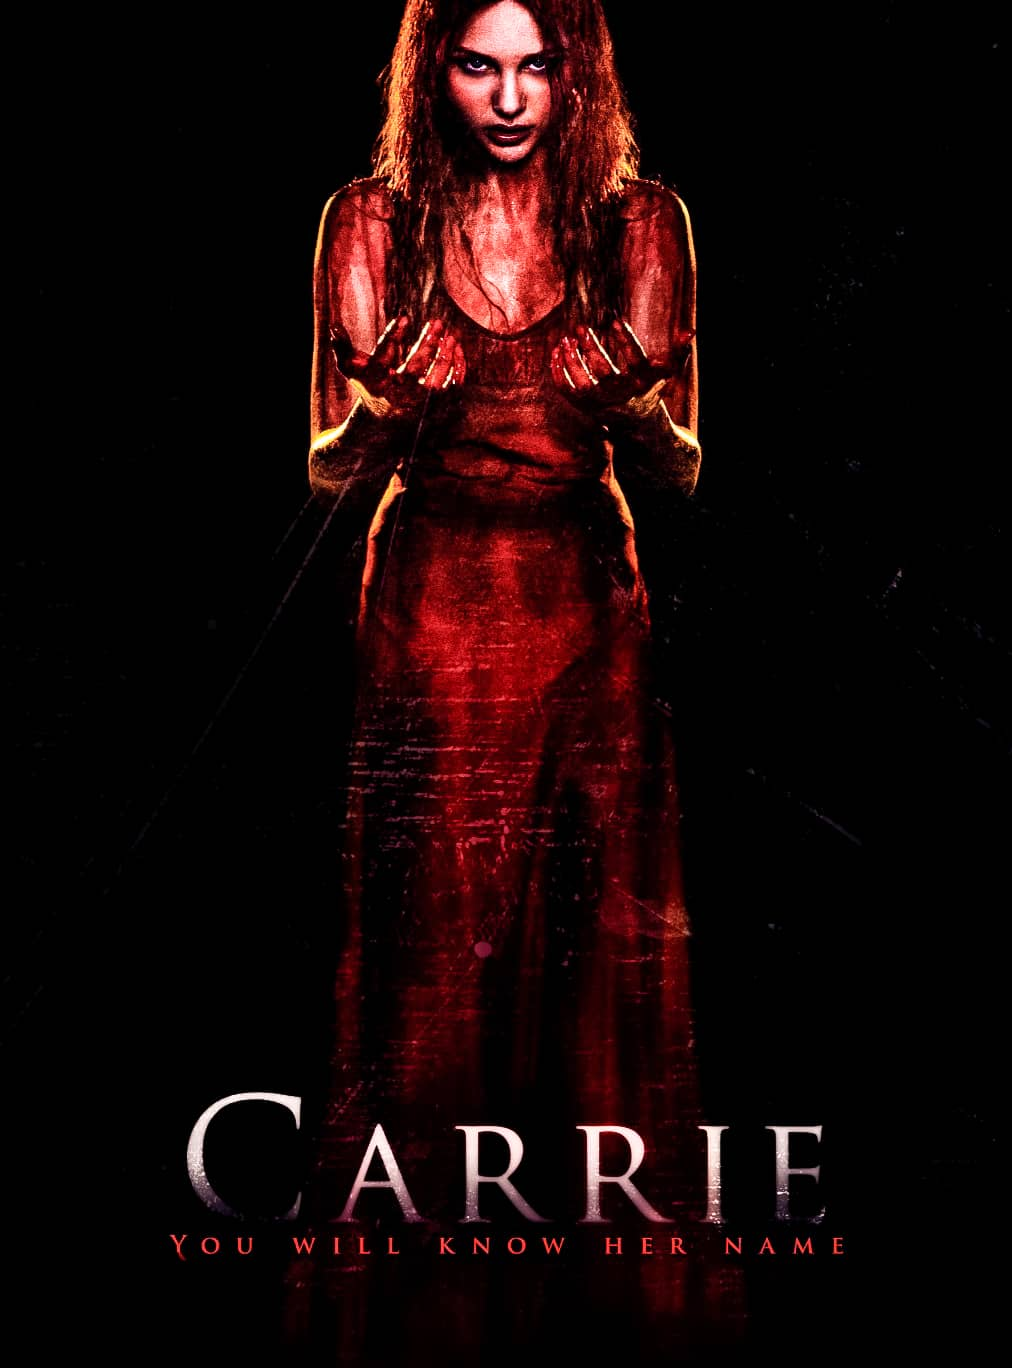 فيلم Carrie 2013 مترجم